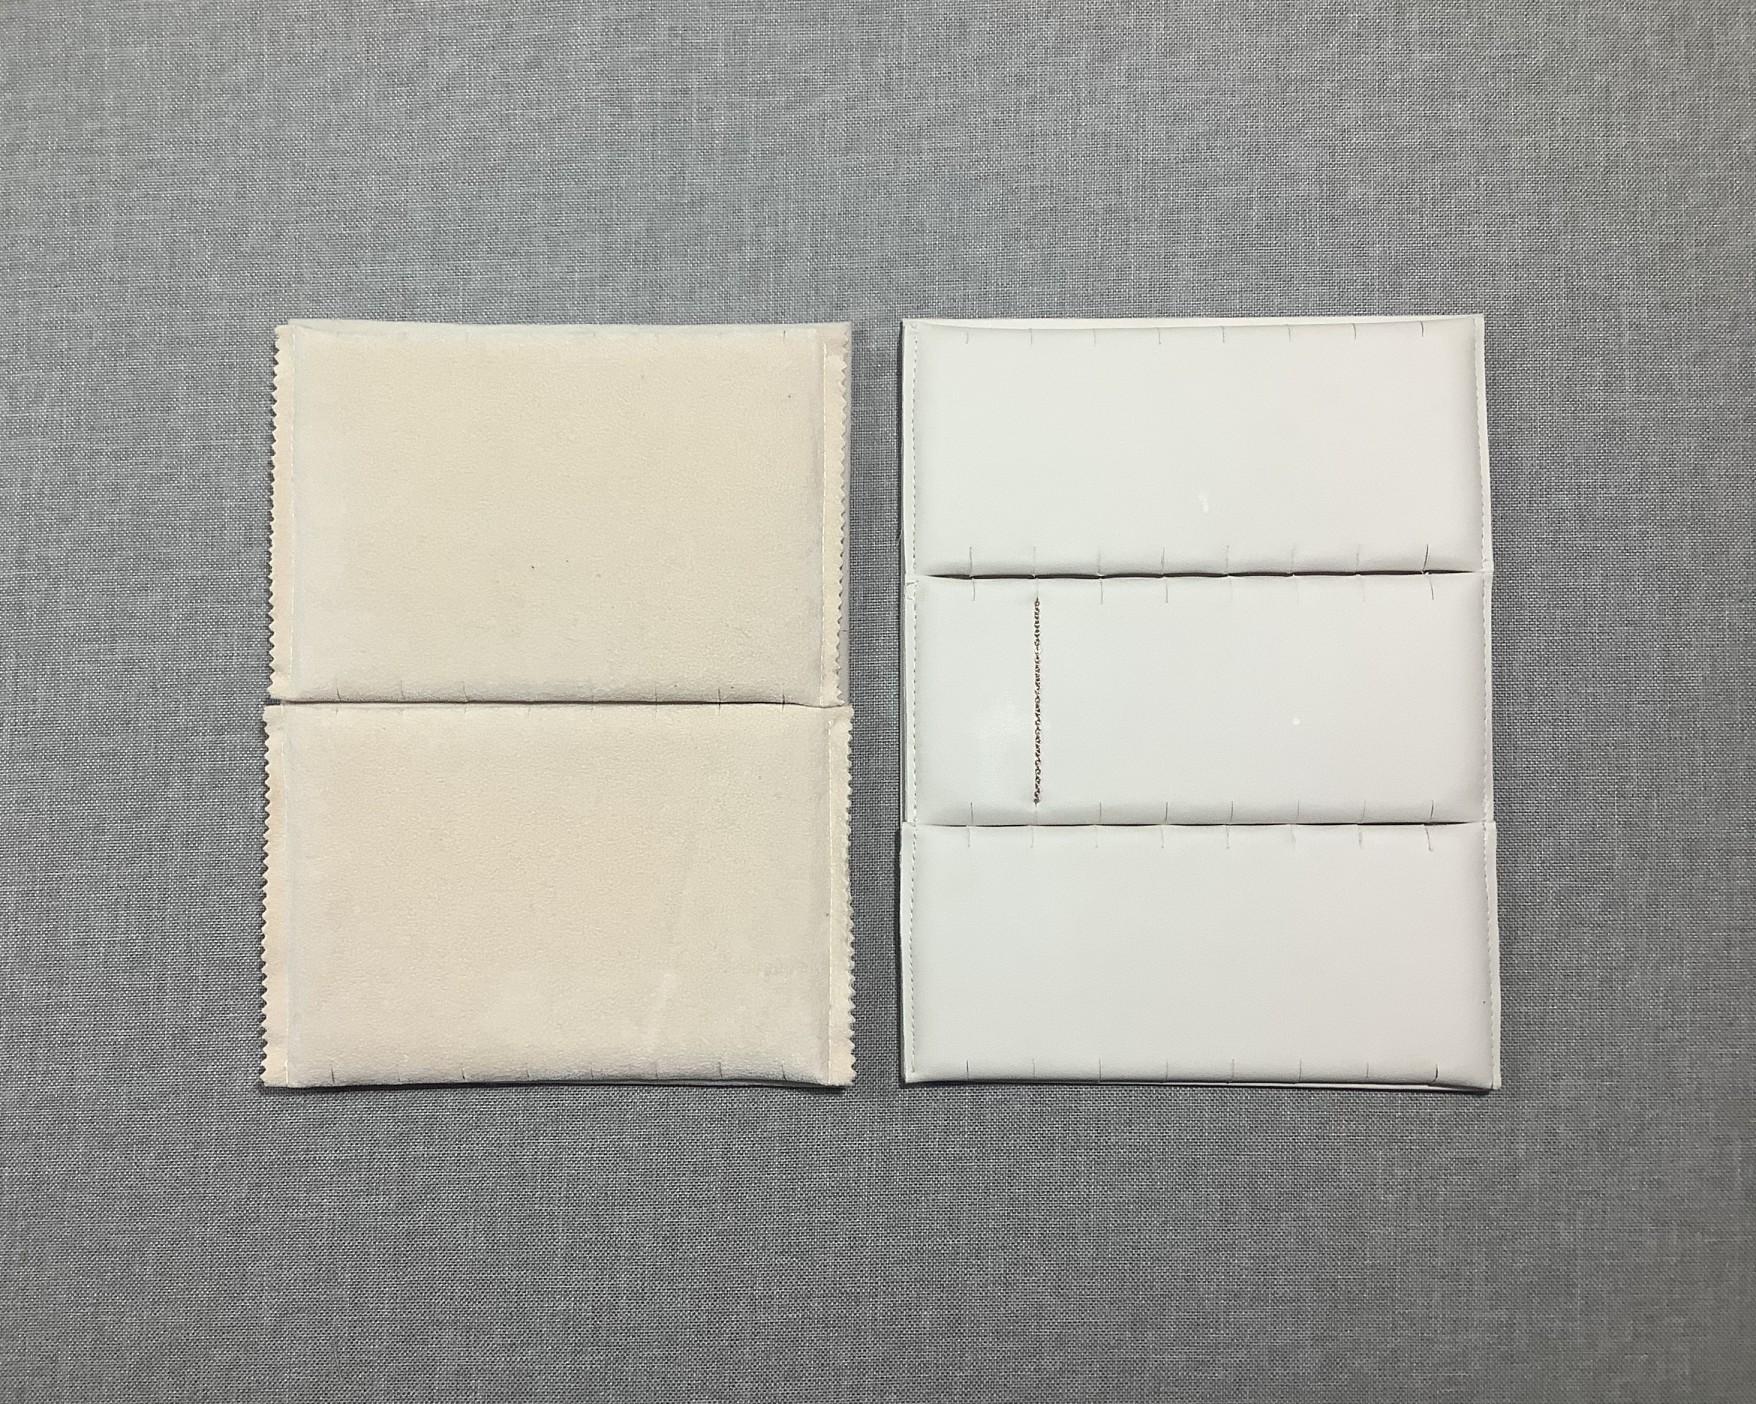 Διπλό --18 cm x 12 cm-- Τριπλό -- 18 cm x 8 cm--